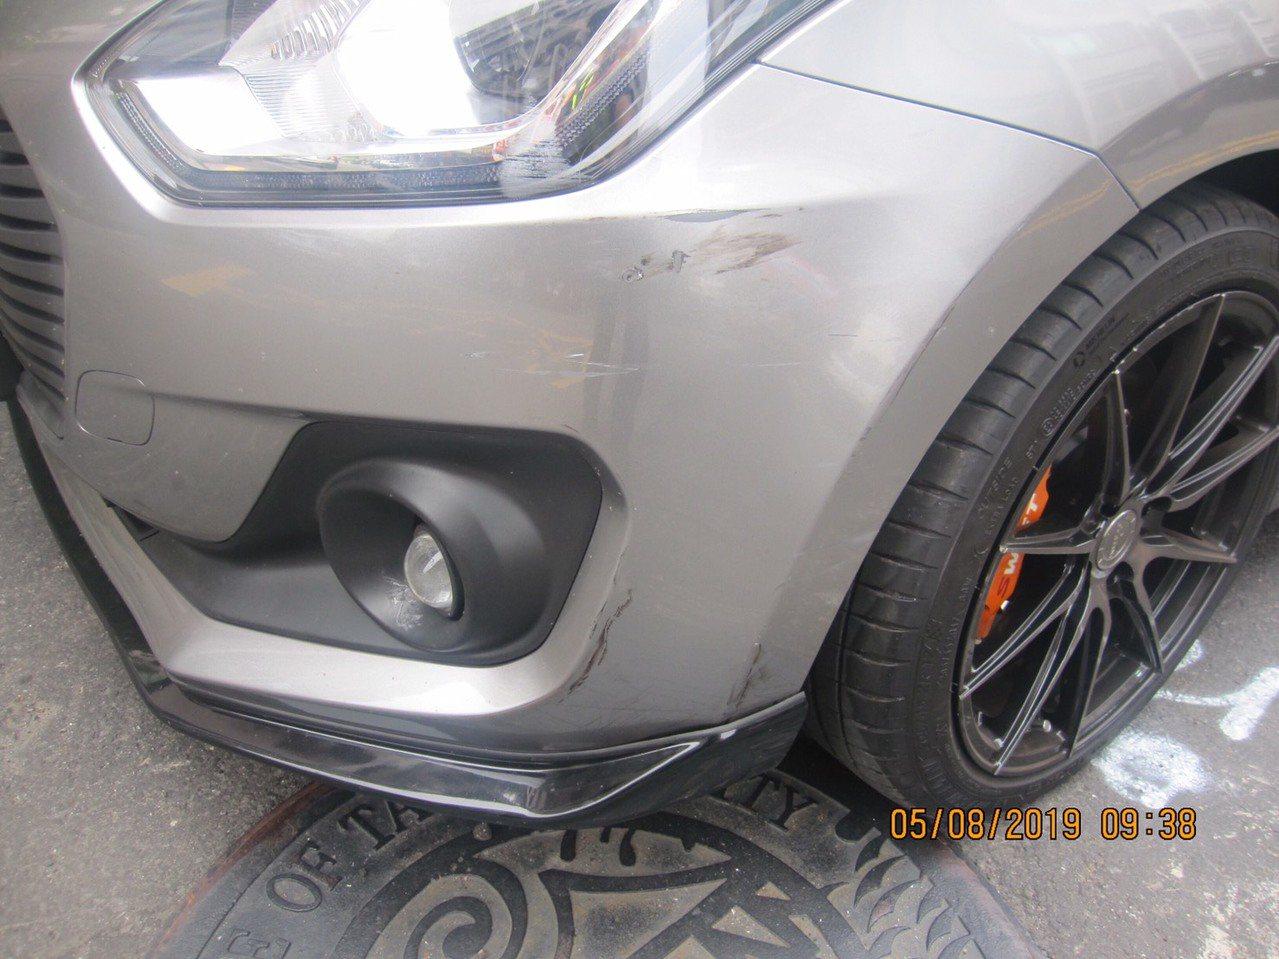 台中市胡姓男子在5日駕駛休旅車擦撞路旁轎車,被撞的轎車左前車側有明顯擦撞痕跡。記...